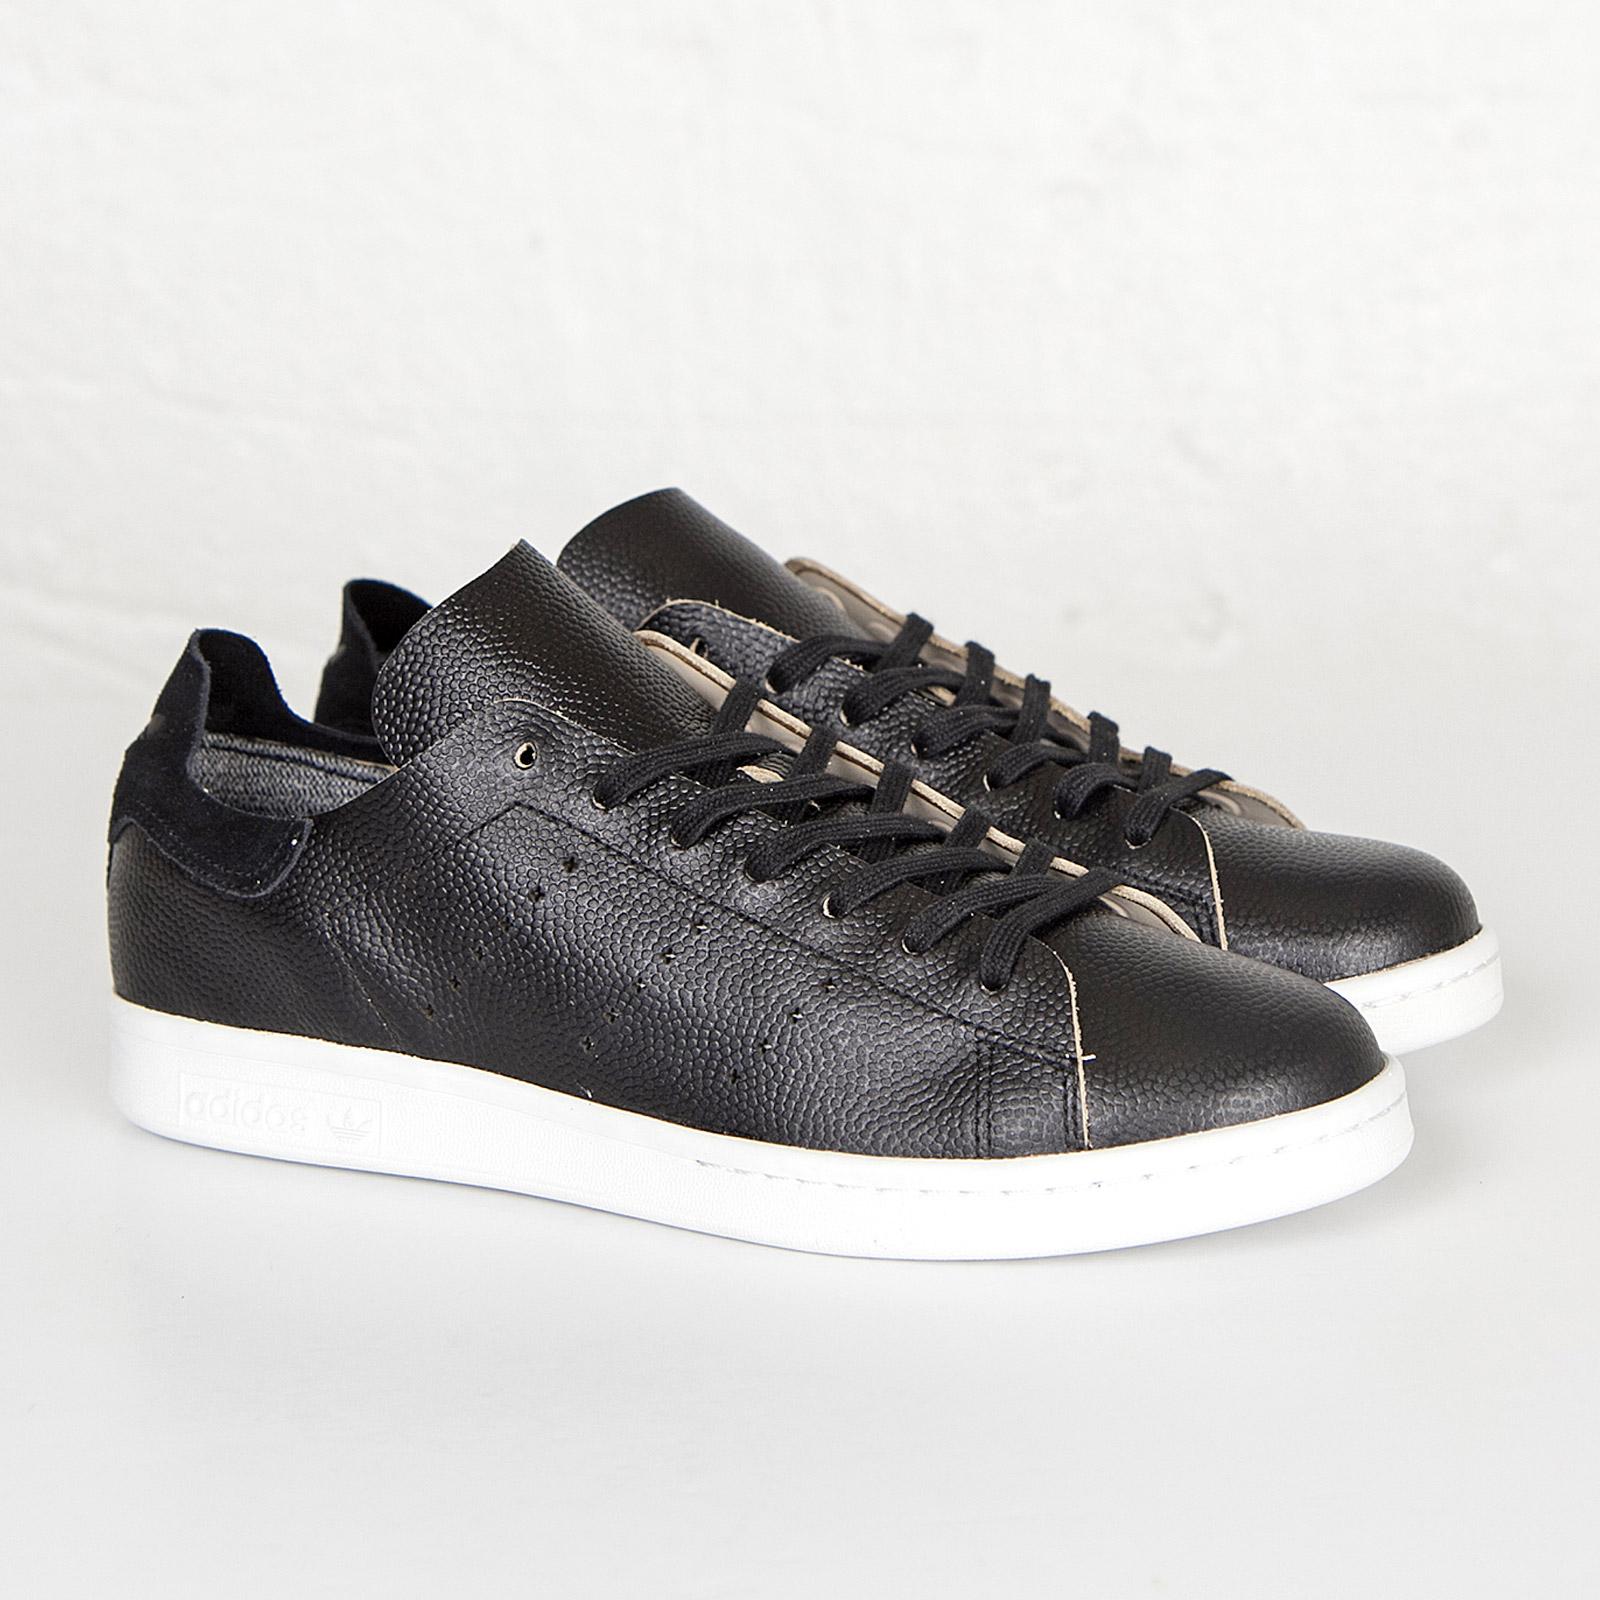 stan smith adidas weiß schwarz